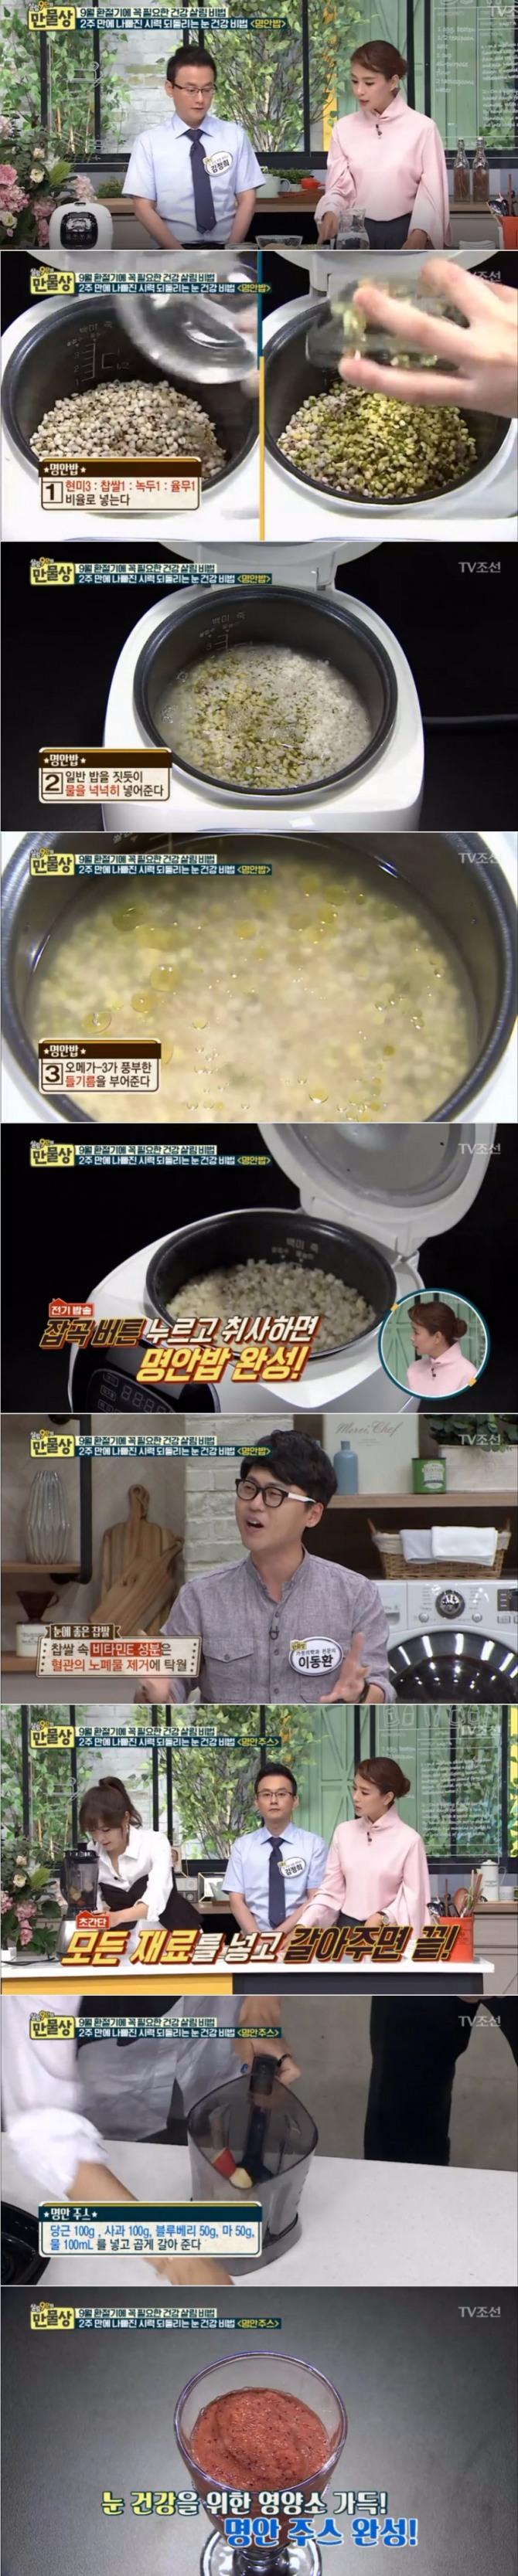 지난 10일 밤 방송된 TV조선 '살림9단의 만물상'에서는 김청희 한의사가 출연, 눈건강에 도움이 되는 명안밥과 명안주스 레시피를 소개했다. 사진=TV조선 방송 캡처